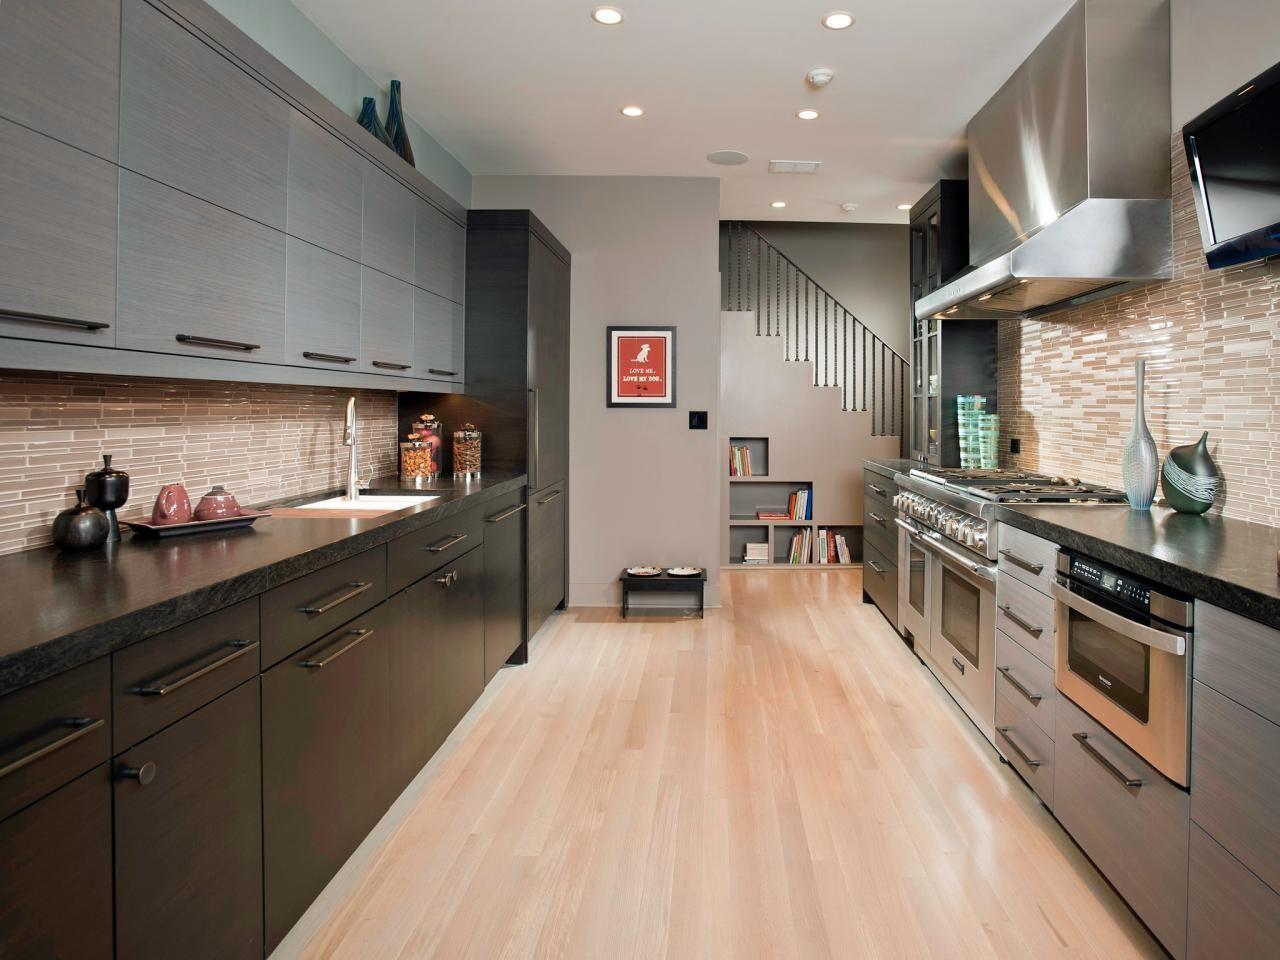 #kücherenovieren #moderneküchen #kitchenremodel #einzigartige #pantryküche #beruhigende #designideas #cosentino #designs #kitchen #gallery #modern #nolte #miele #ideenEinzigartige und beruhigende Gallery Kitchen Designs für Ihre neue Küche sieht Einzigartige und beruhigende Gallery Kitchen Designs für Ihre neue Küche siehtEinzigartige und beruhigende Gallery Kitchen Designs für Ihre neue Küche sieht #ikeagalleykitchen